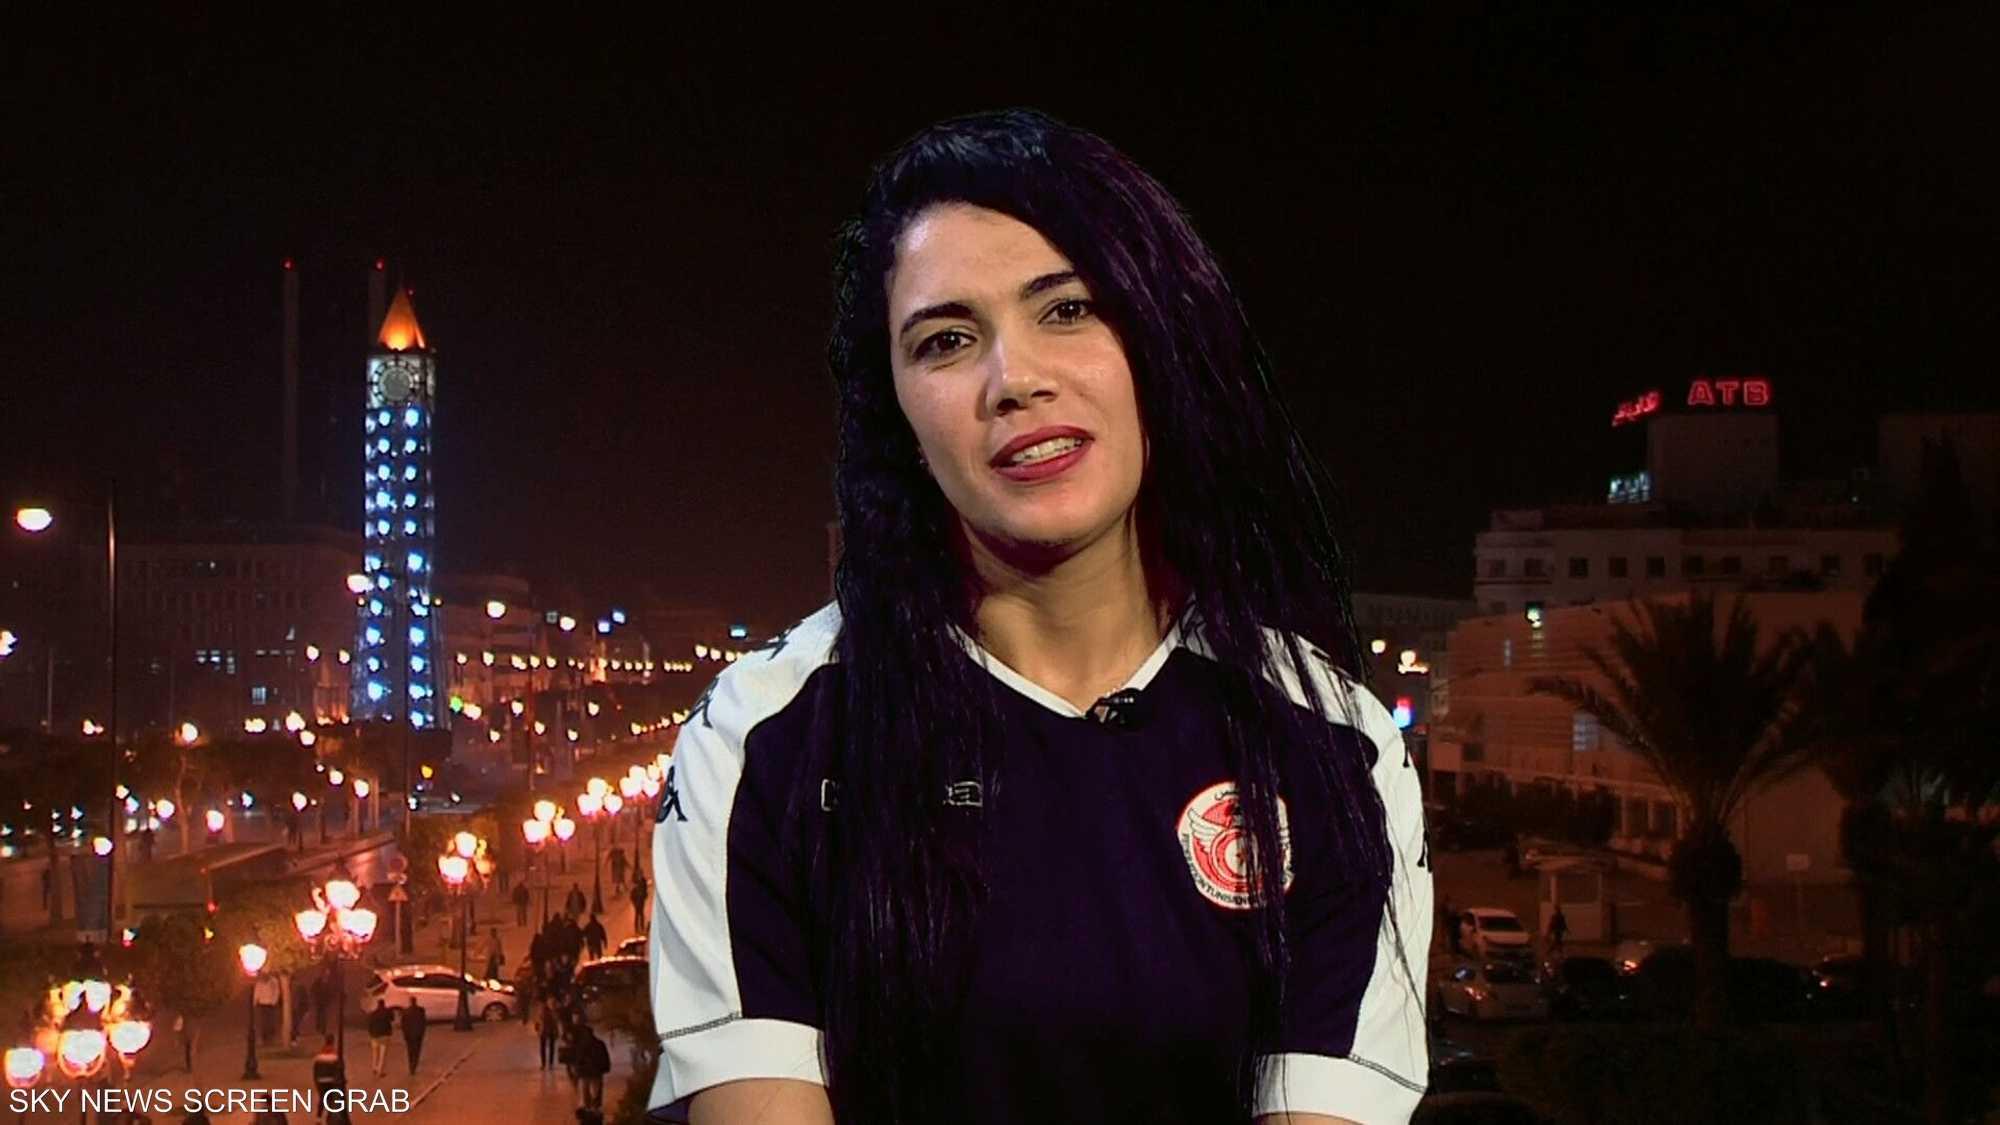 تونس.. أول سيدة حكم في كرة القدم العربية